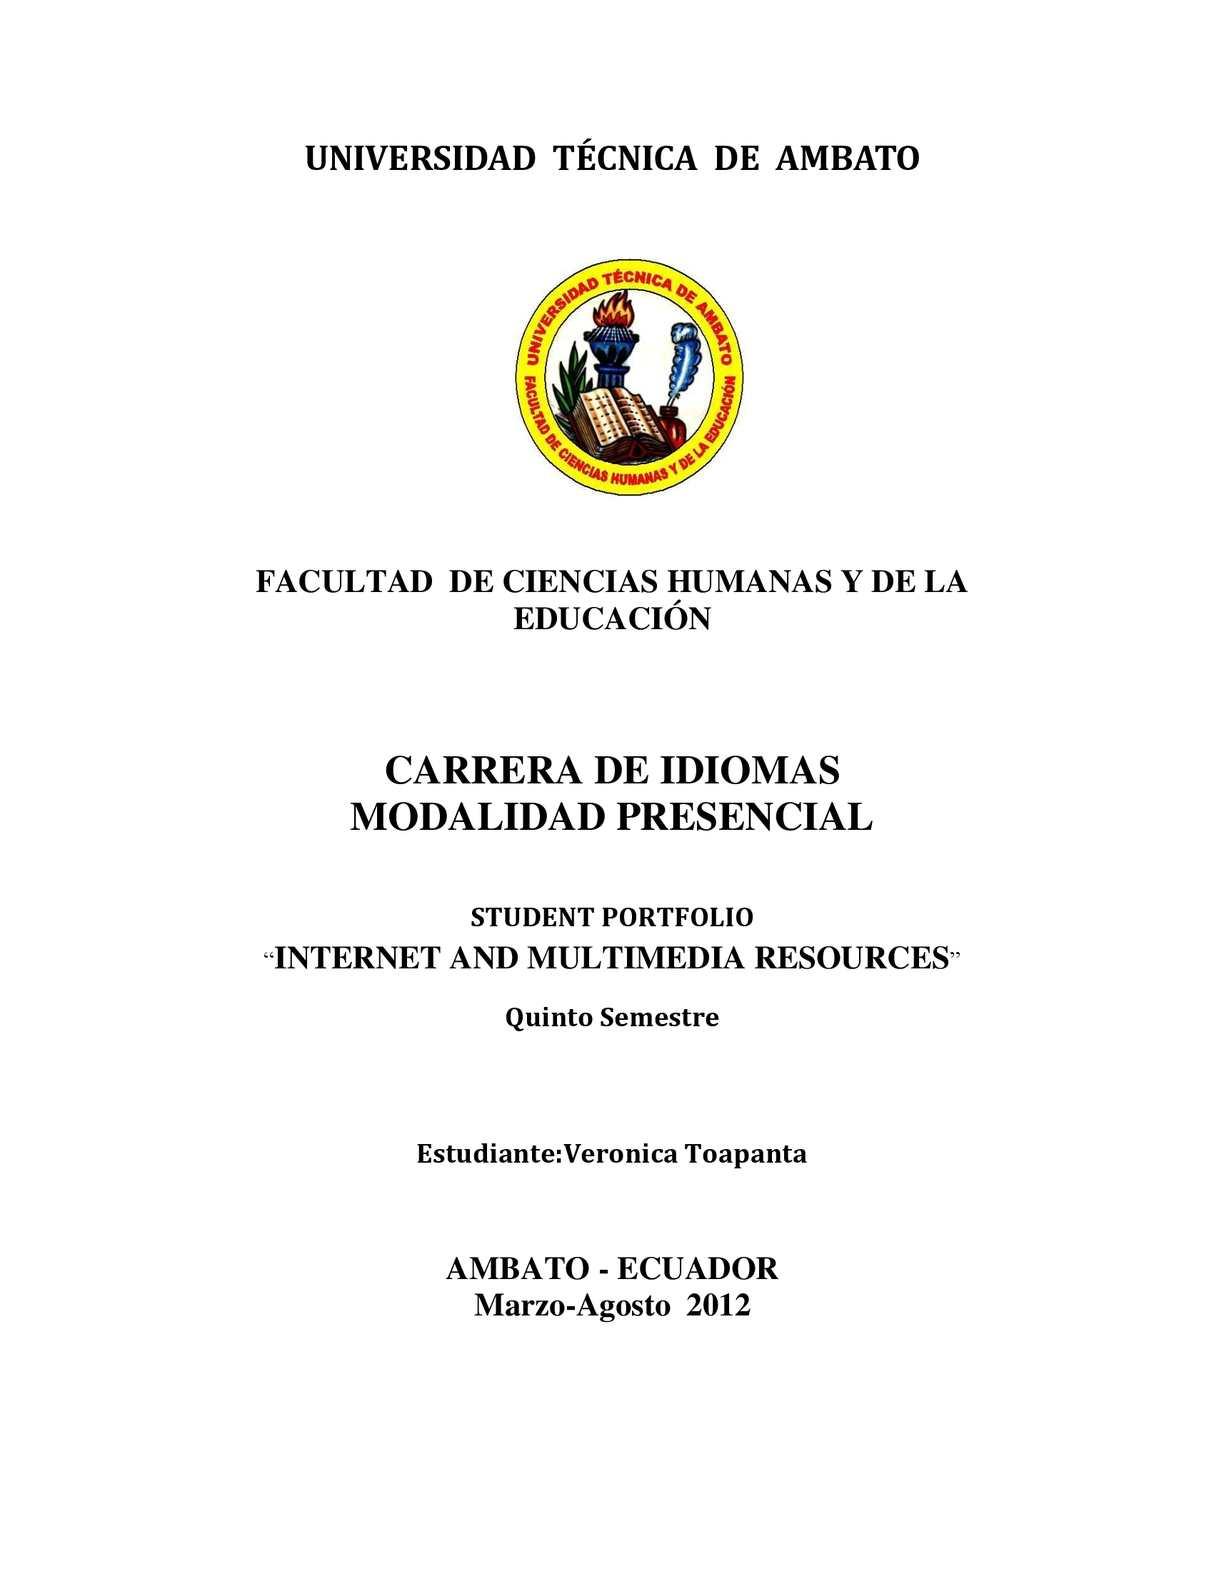 Calaméo - ST.PORTFOLIO.INTERNET multimedia